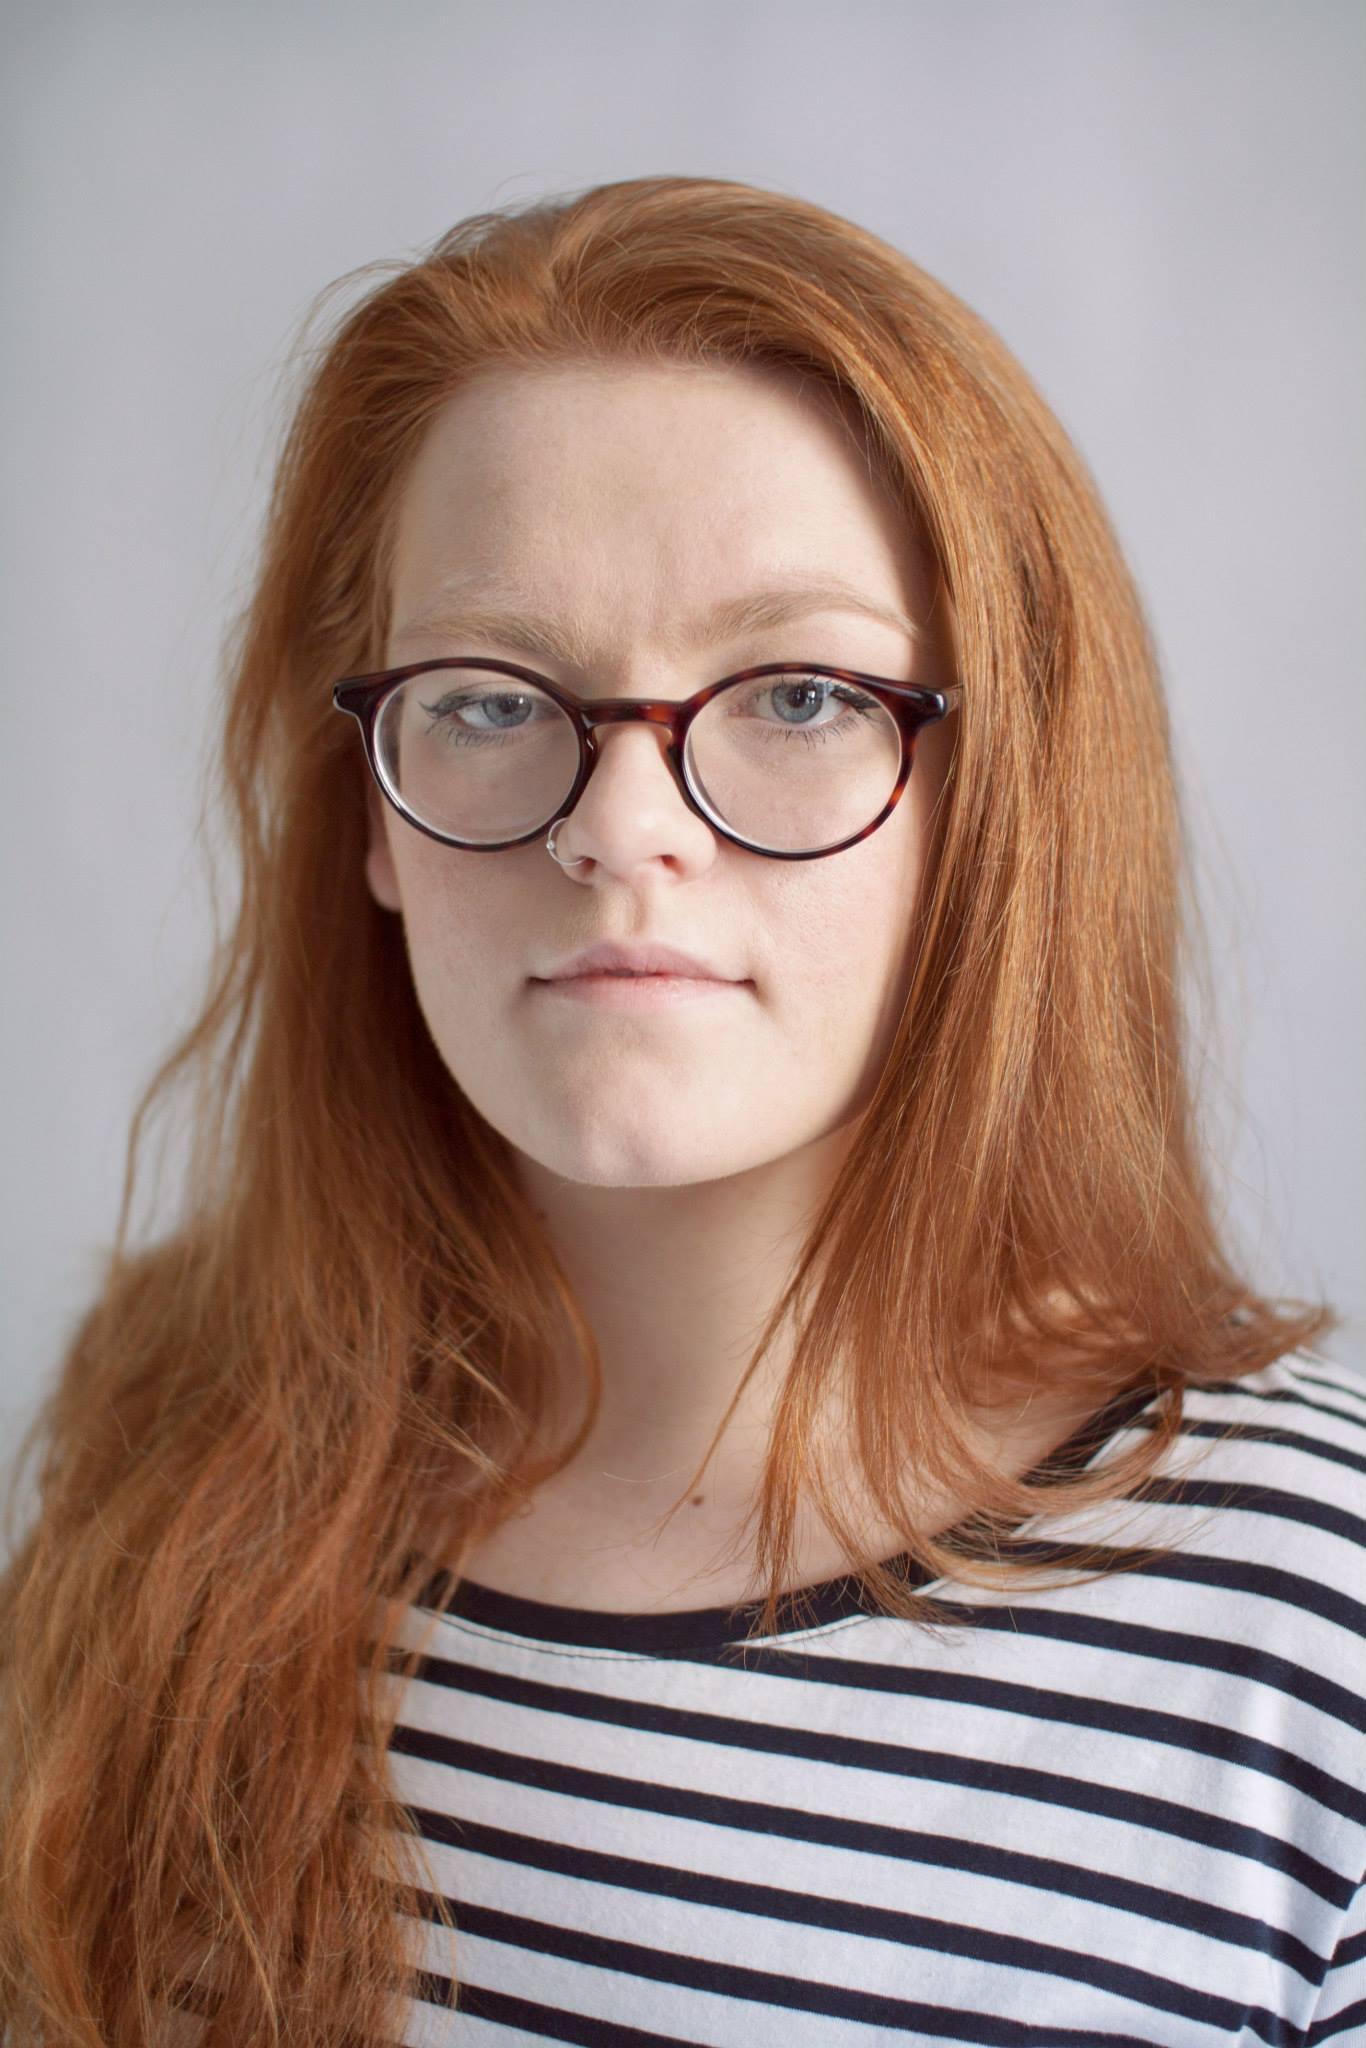 Projeto Ginger: Retratos que lutam contra a discriminação aos ruivos 06